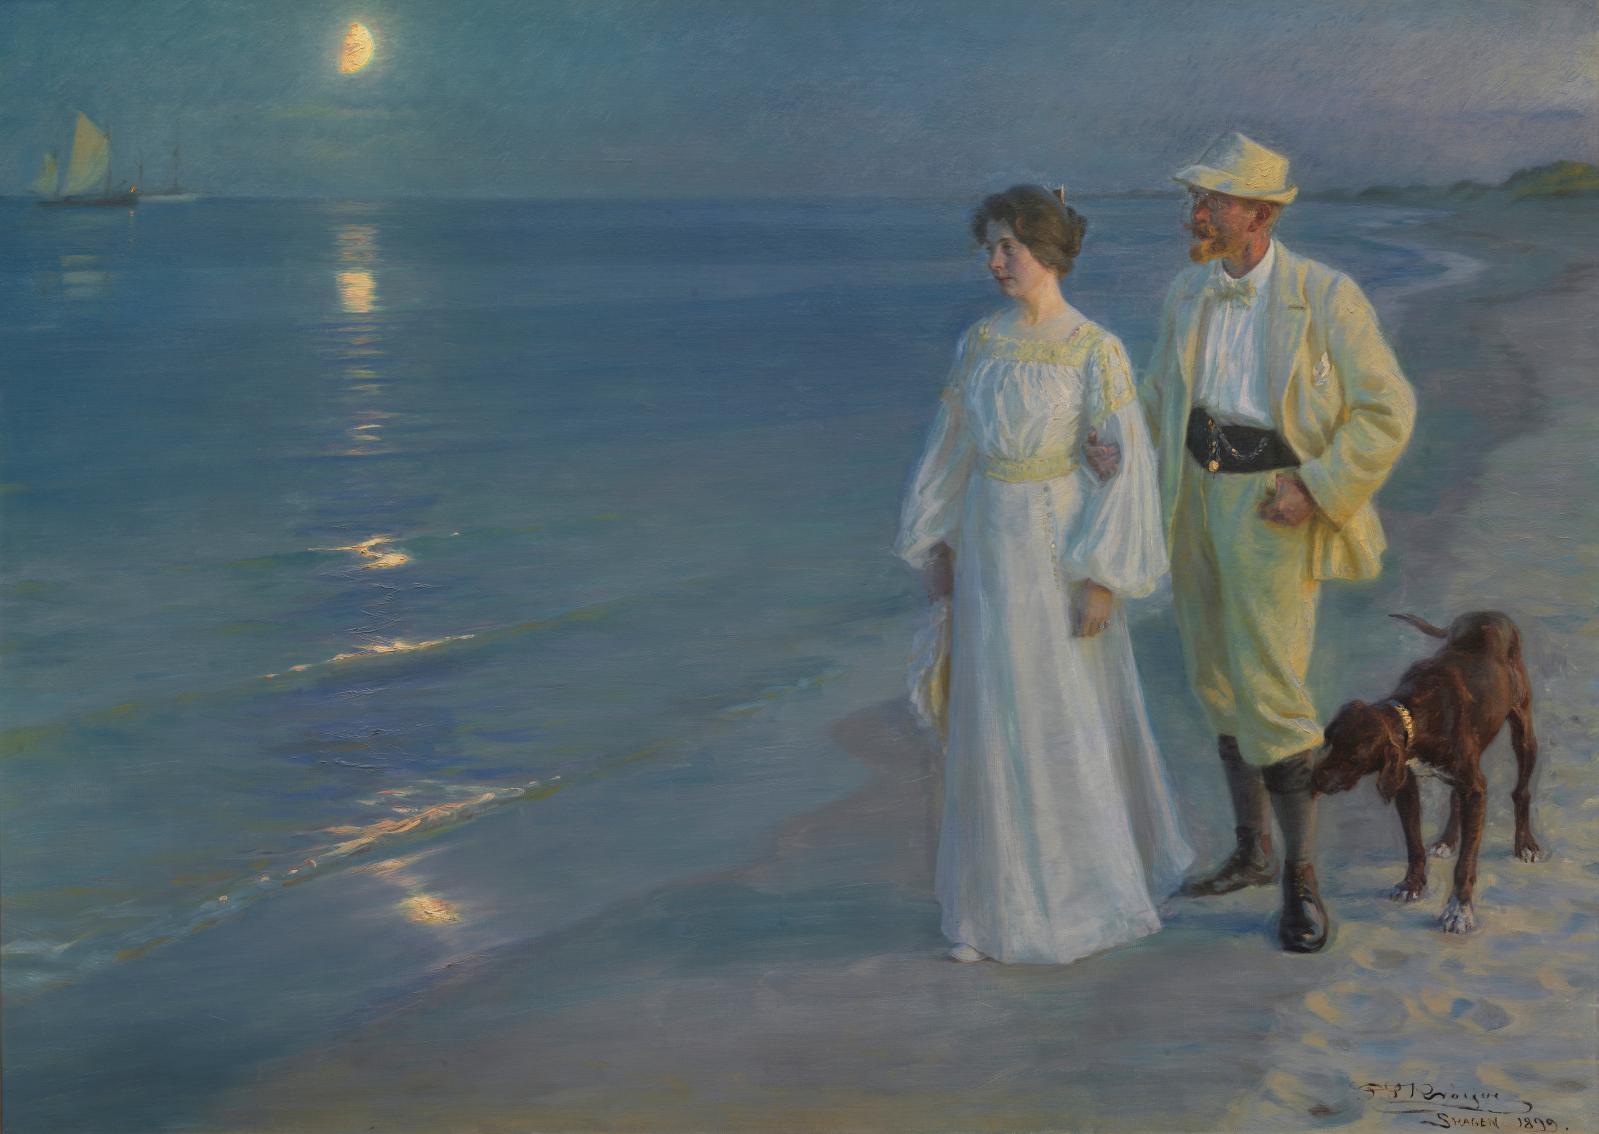 Peder Severin Krøyer, Soir d'été sur la plage de Skagen (l'artiste et sa femme), 1899, huile sur toile, 135x187cm, Copenhague, Den Hirs